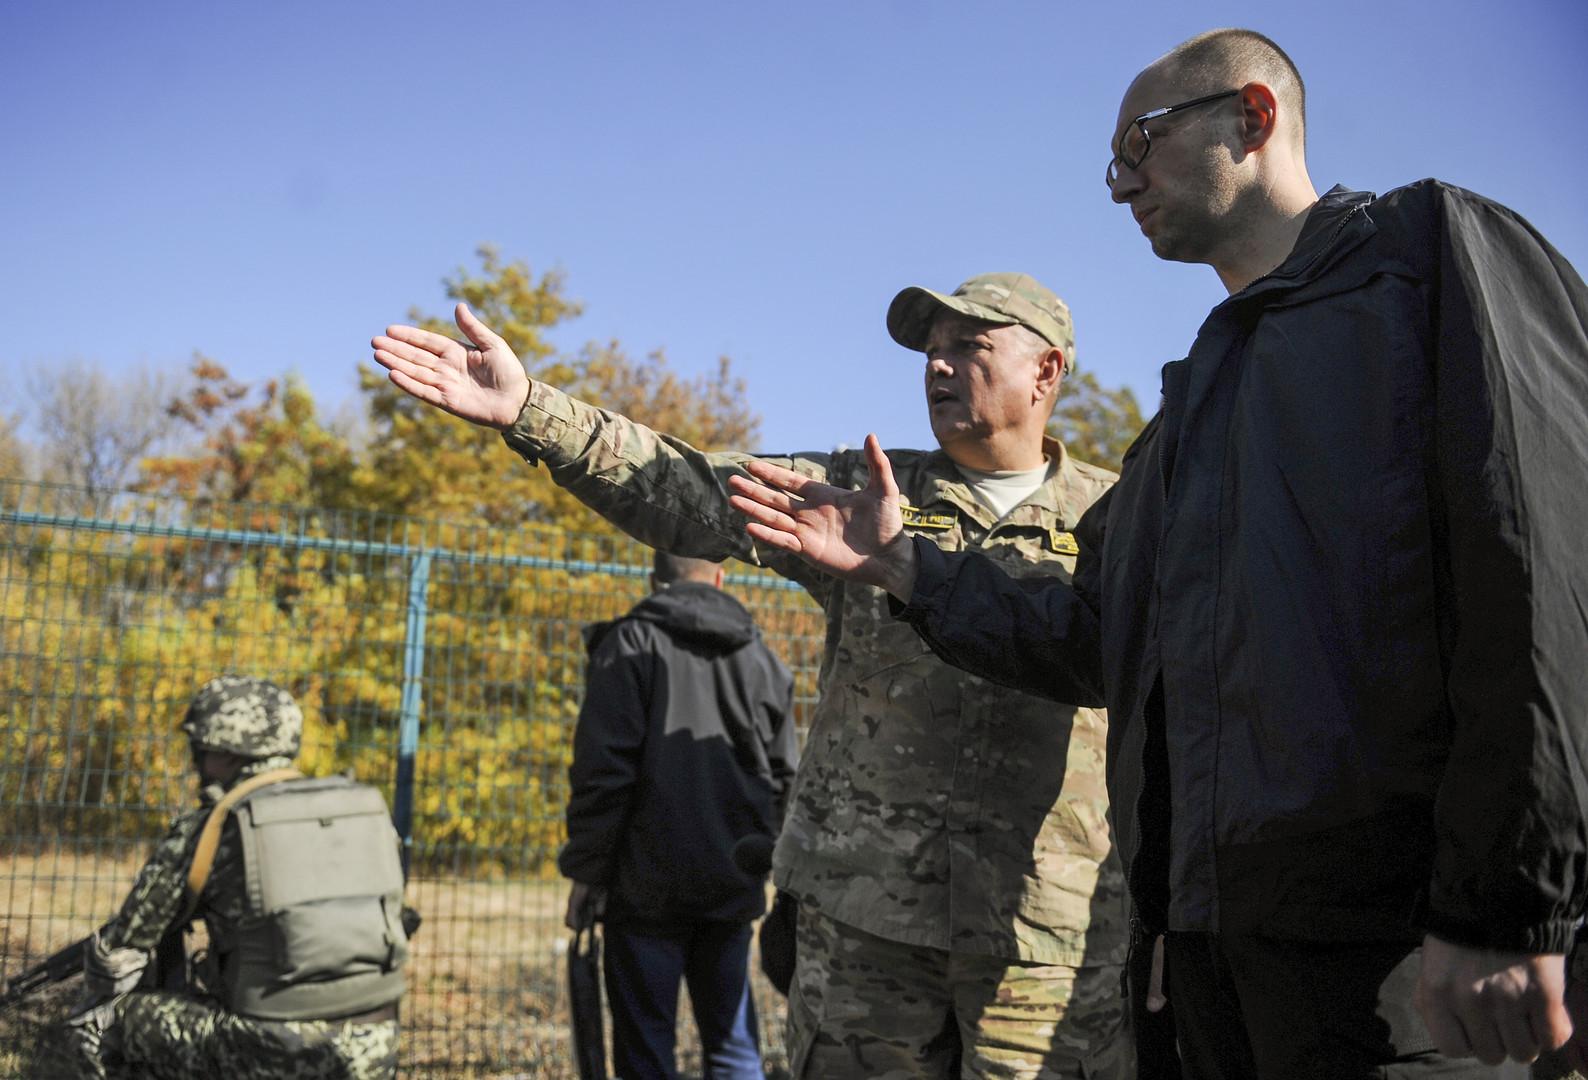 """Der ehemalige ukrainische Ministerpräsident inspiziert das Objekt """"Stina"""" (auf Deutsch """"Mauer"""") im Gebiet Charkow an der russisch-ukrainischen Grenze"""